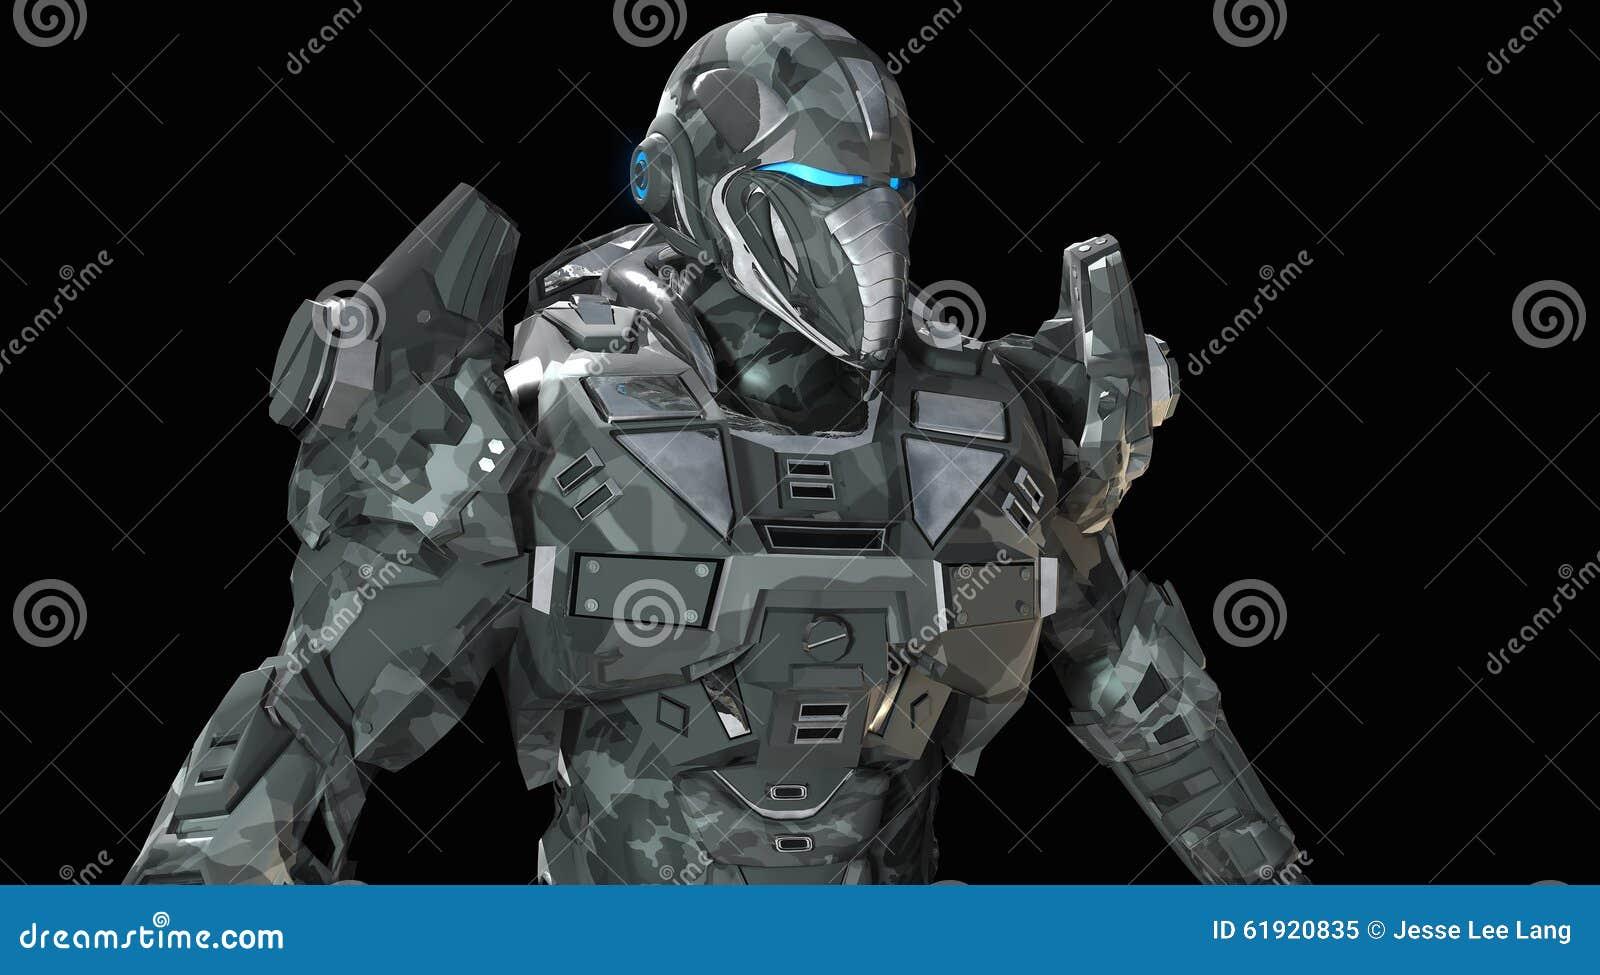 Soldat superbe avancé